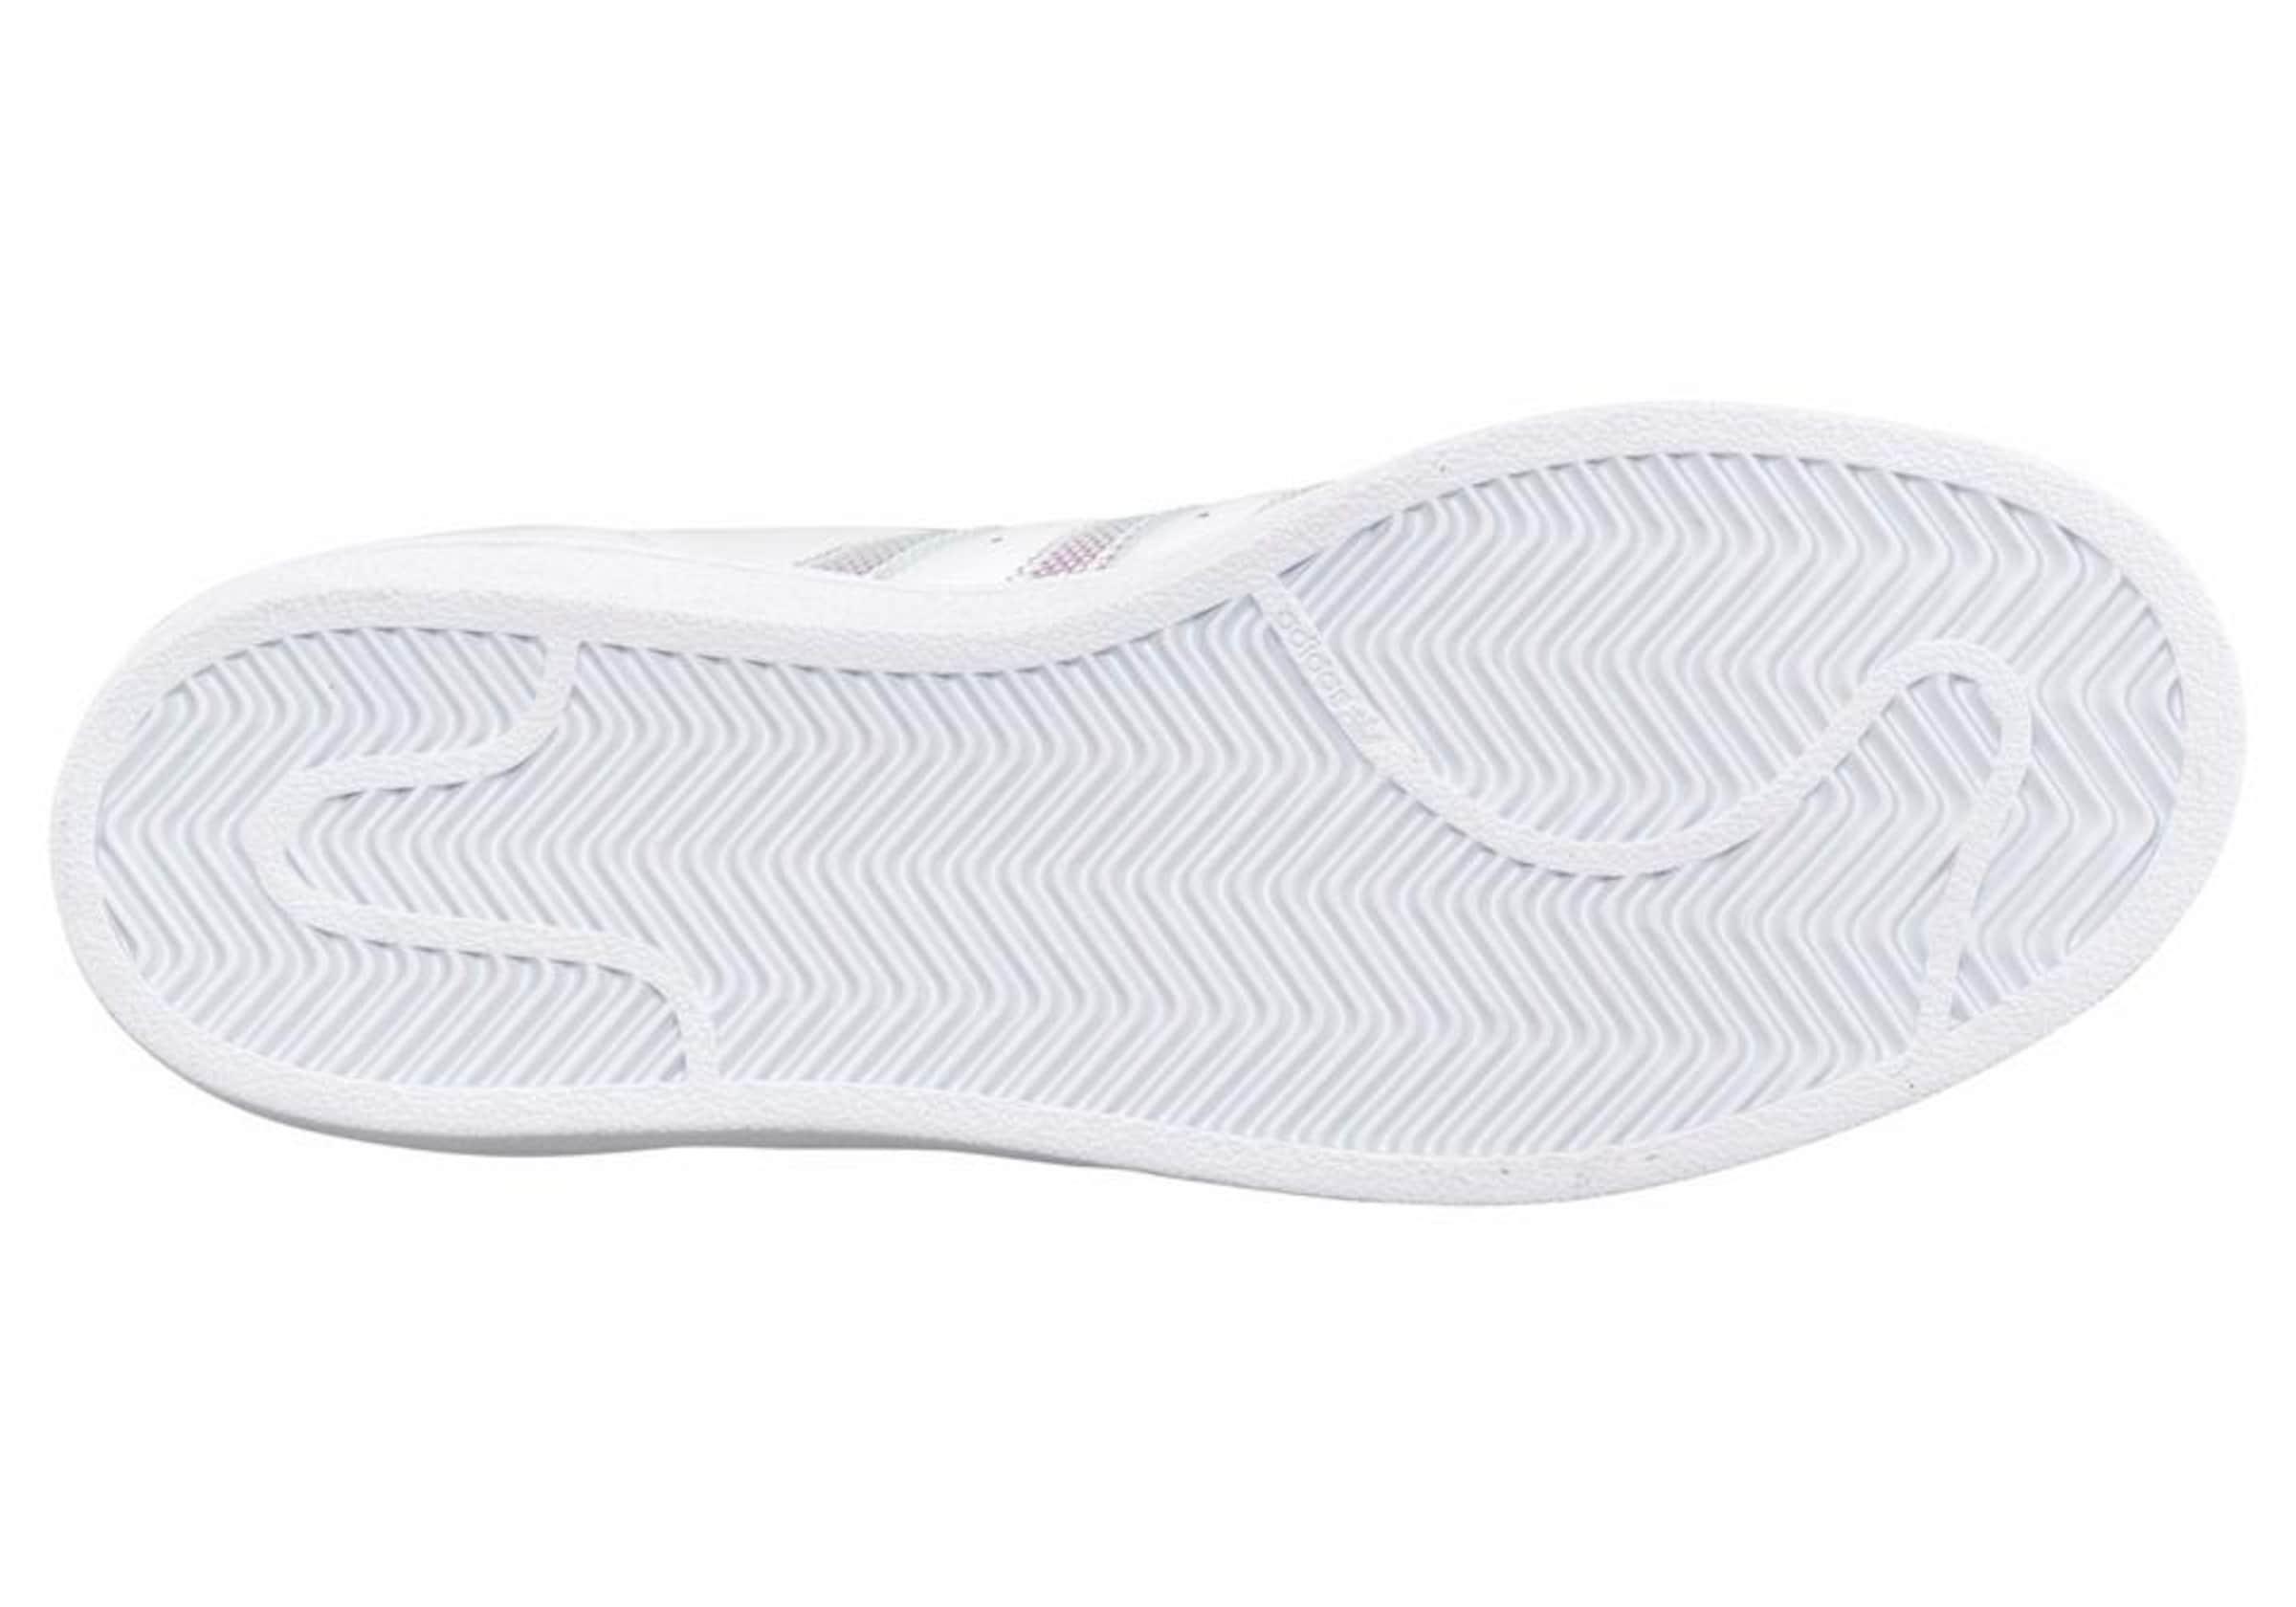 Freiheit Der Billigsten Gut Verkaufen ADIDAS ORIGINALS Sneaker 'Wmns Superstar' Neue Ankunft Zum Verkauf Günstig Kaufen Preise JqYJYNY2